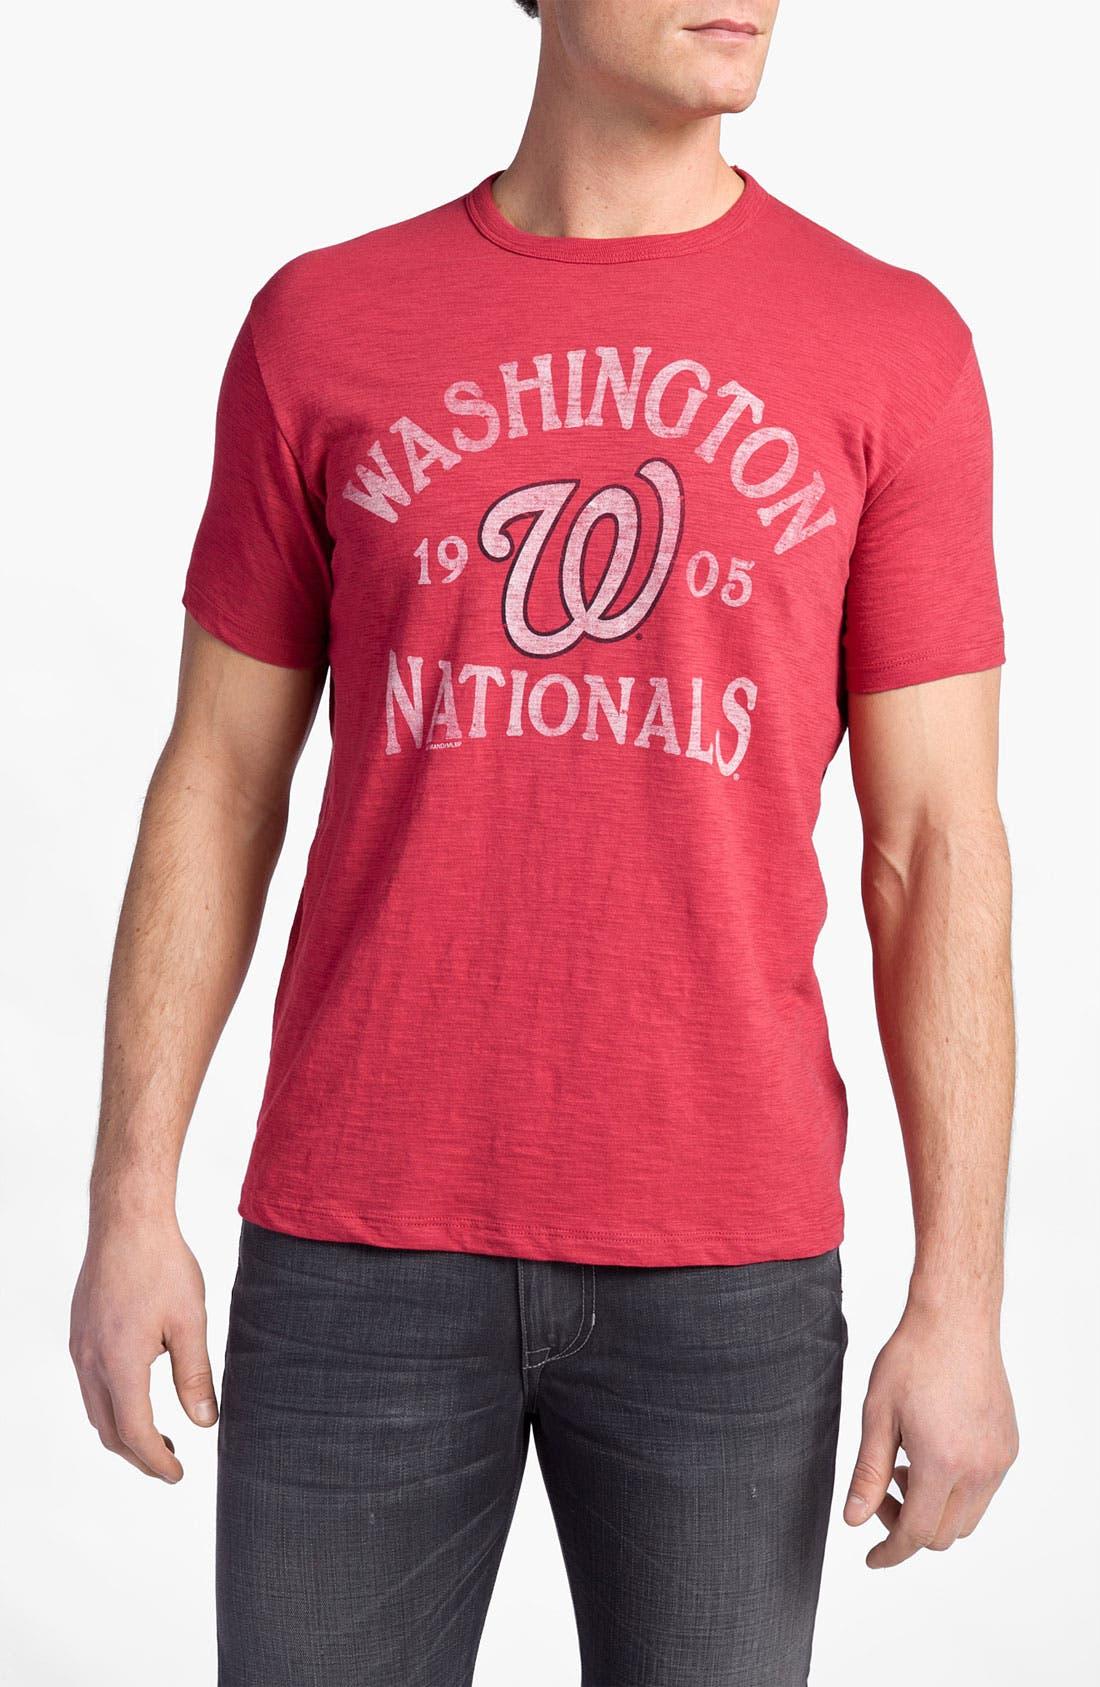 Alternate Image 1 Selected - Banner 47 'Washington Nationals' Regular Fit Crewneck T-Shirt (Men)